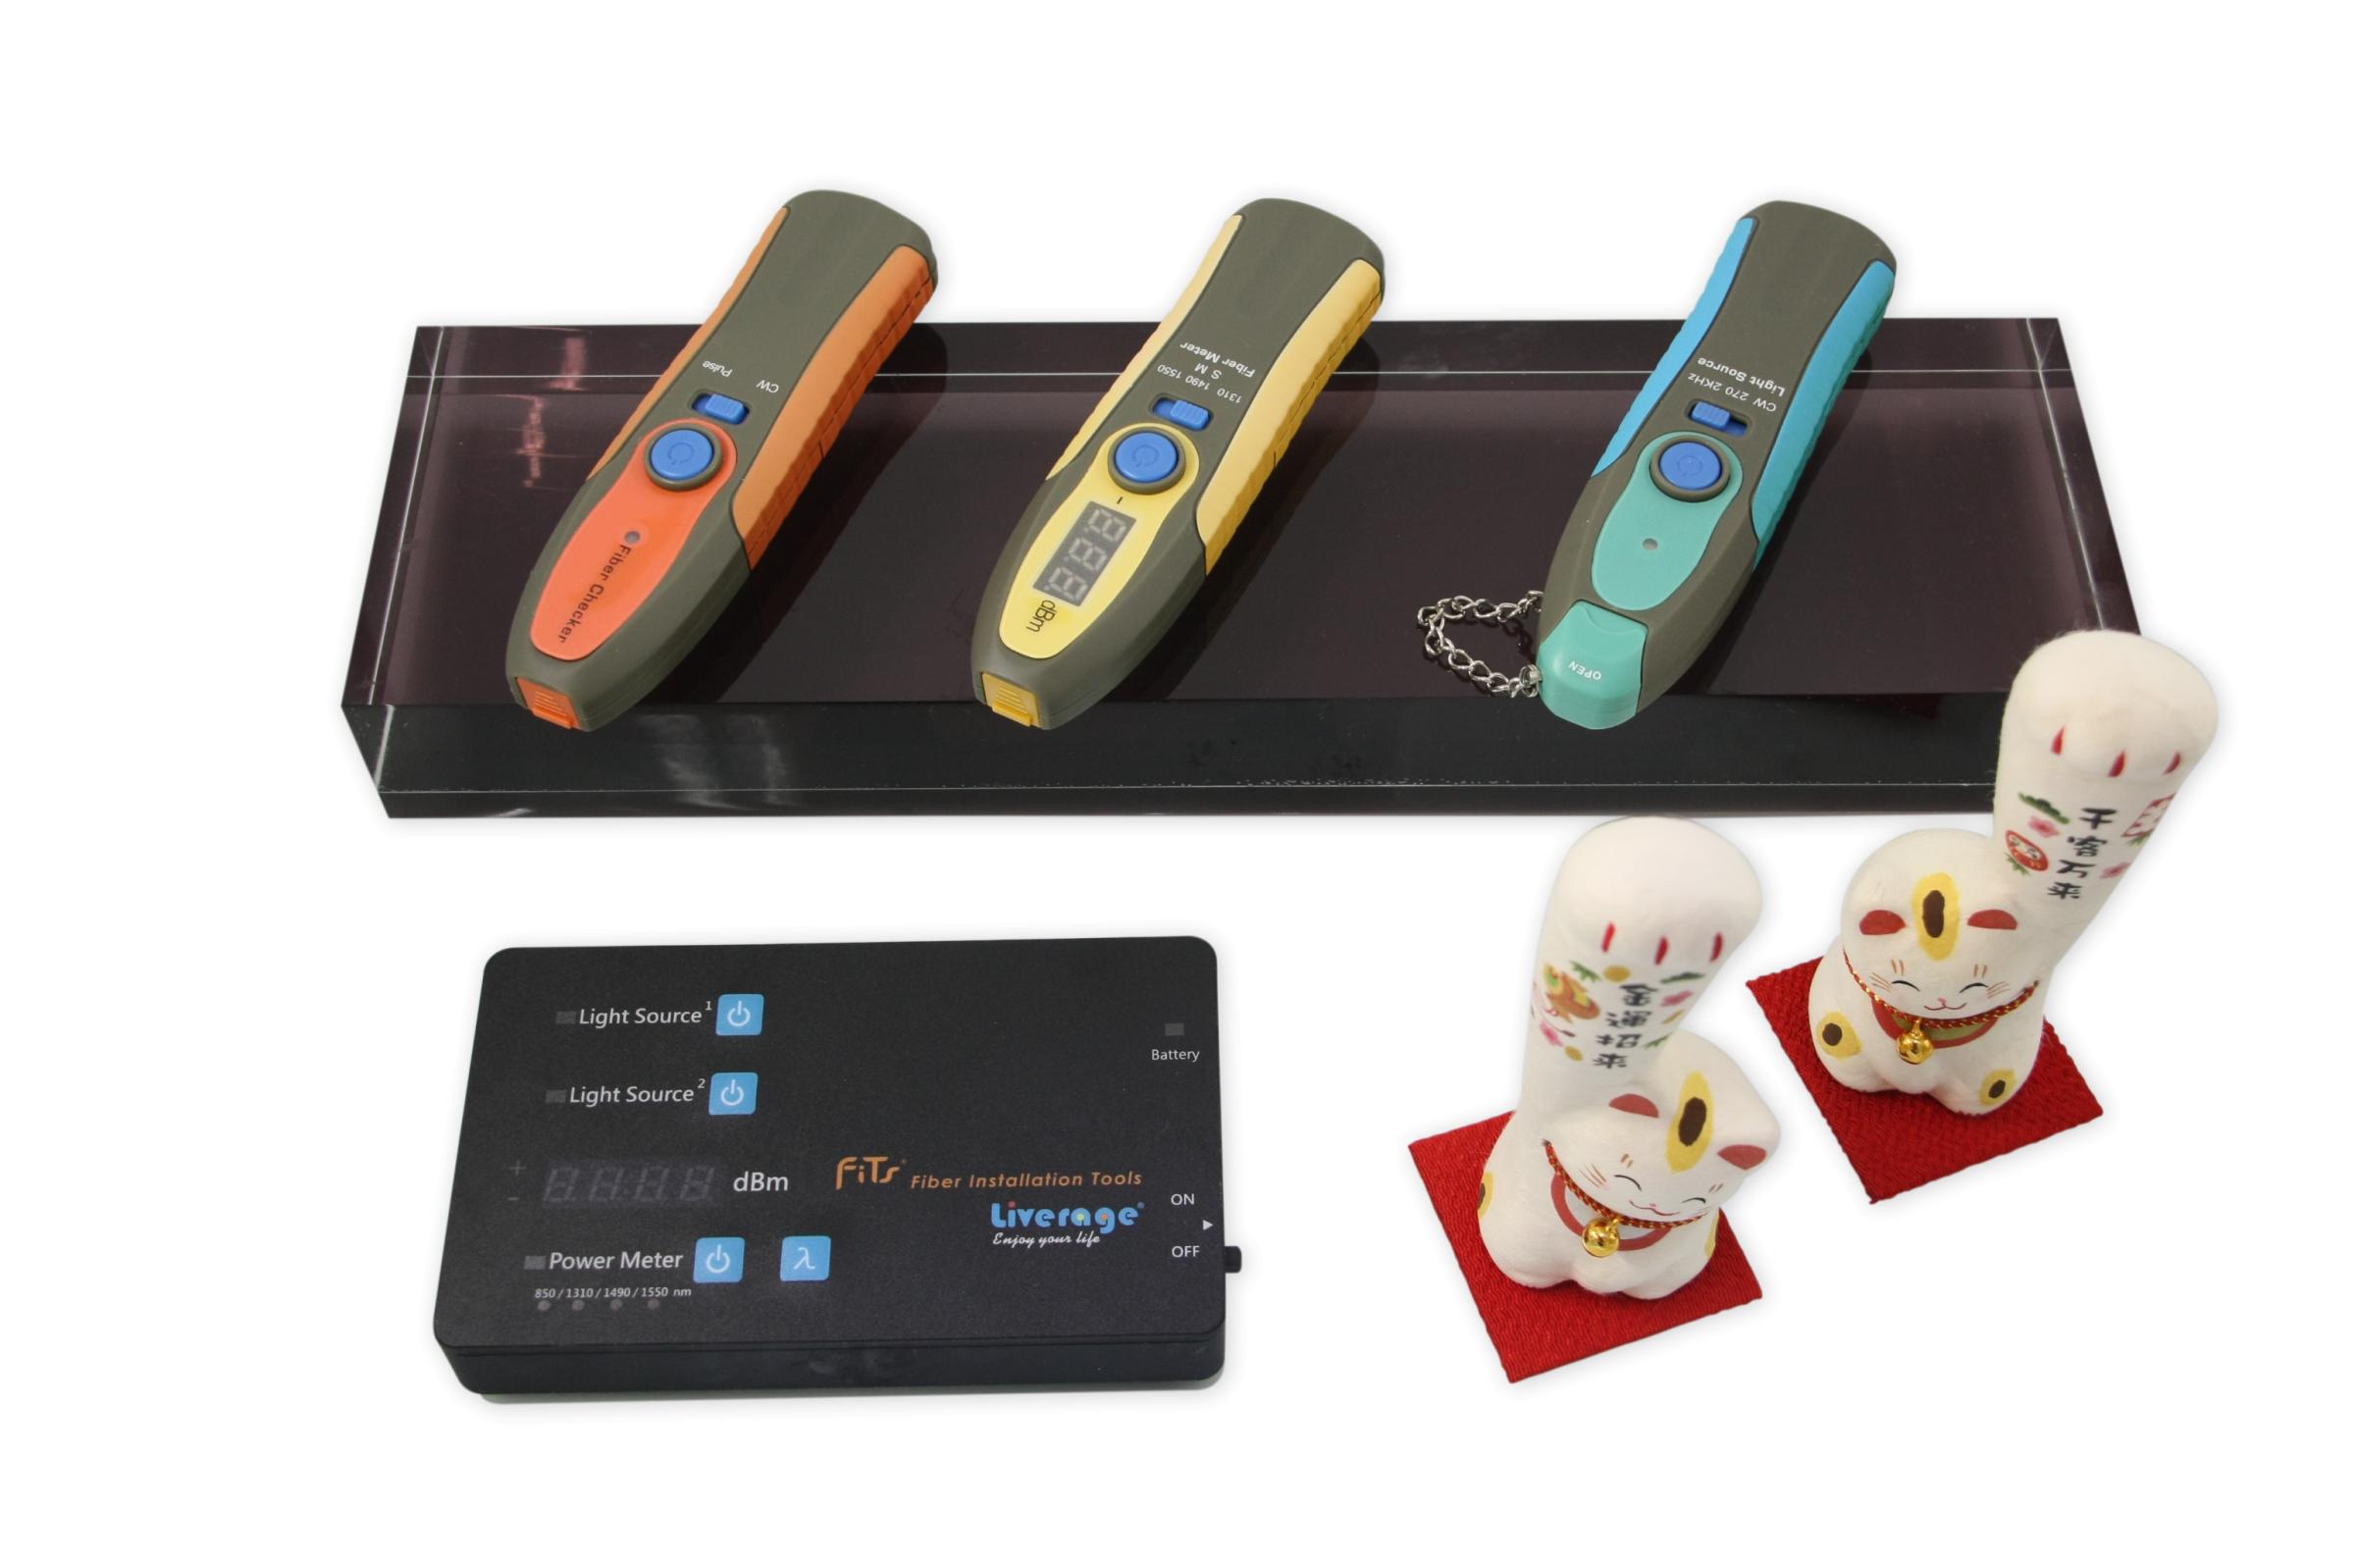 光テストツールは、光ファイバーの機能をテストするためのツールです。